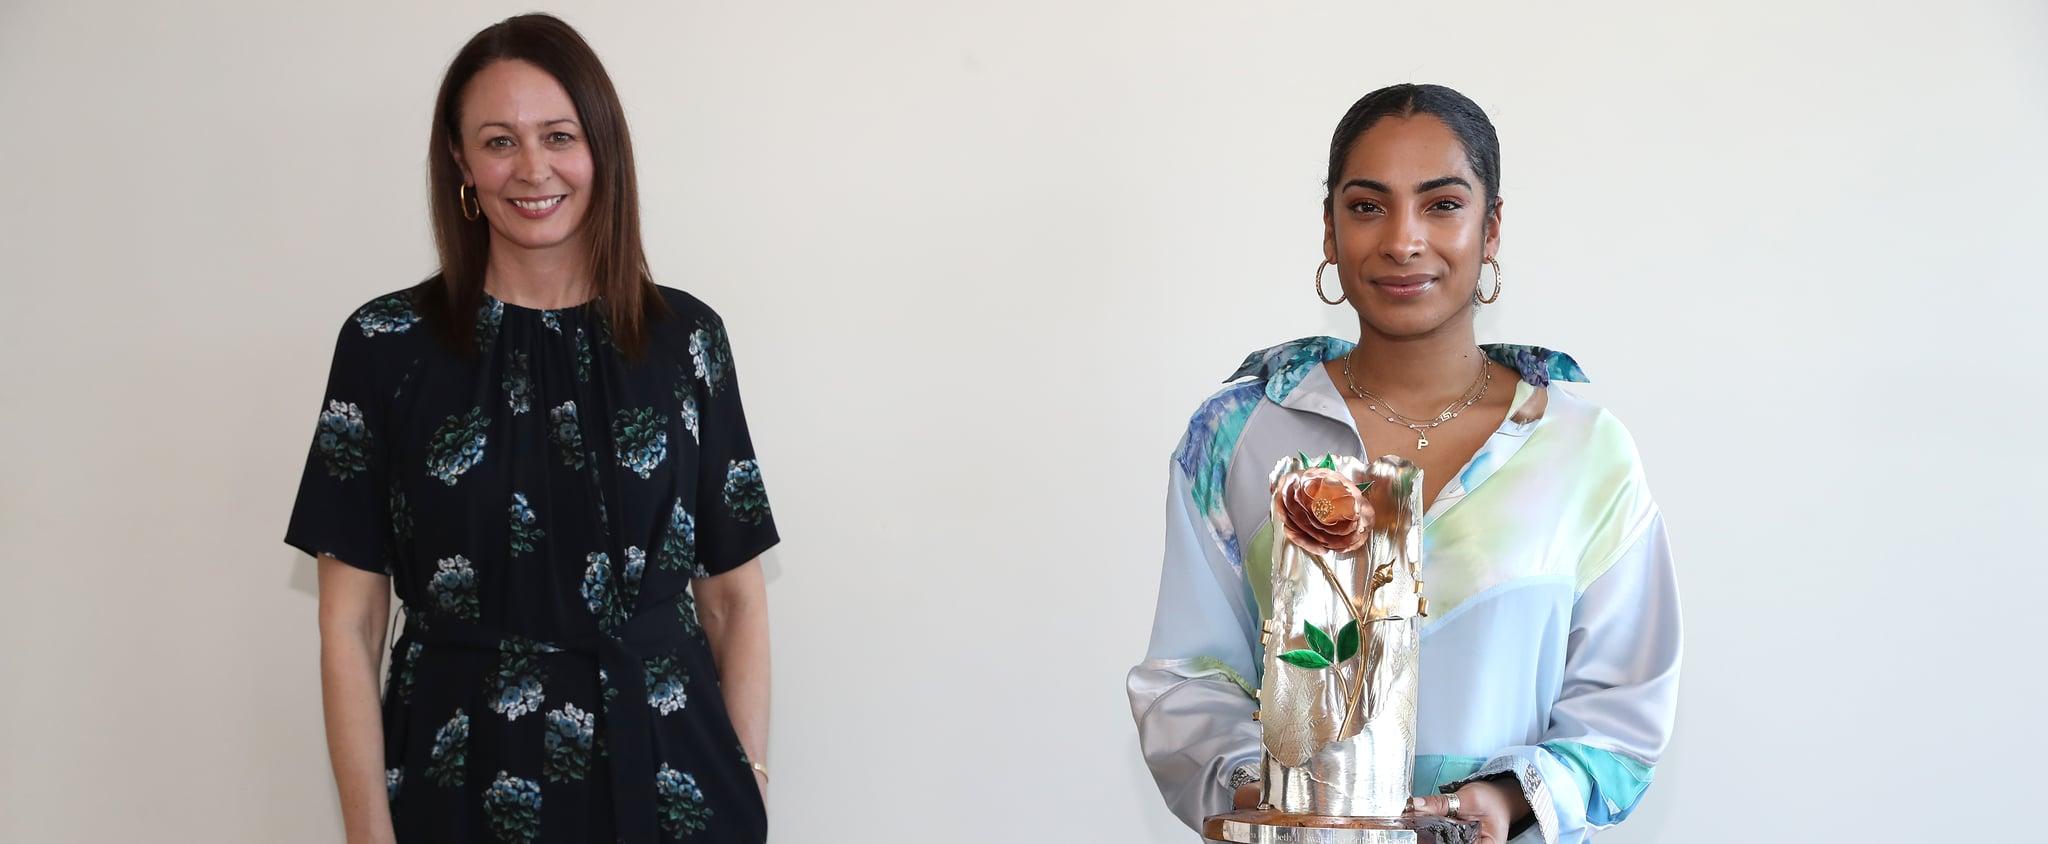 Priya Ahluwalia Wins the 2021 Queen Elizabeth II Award